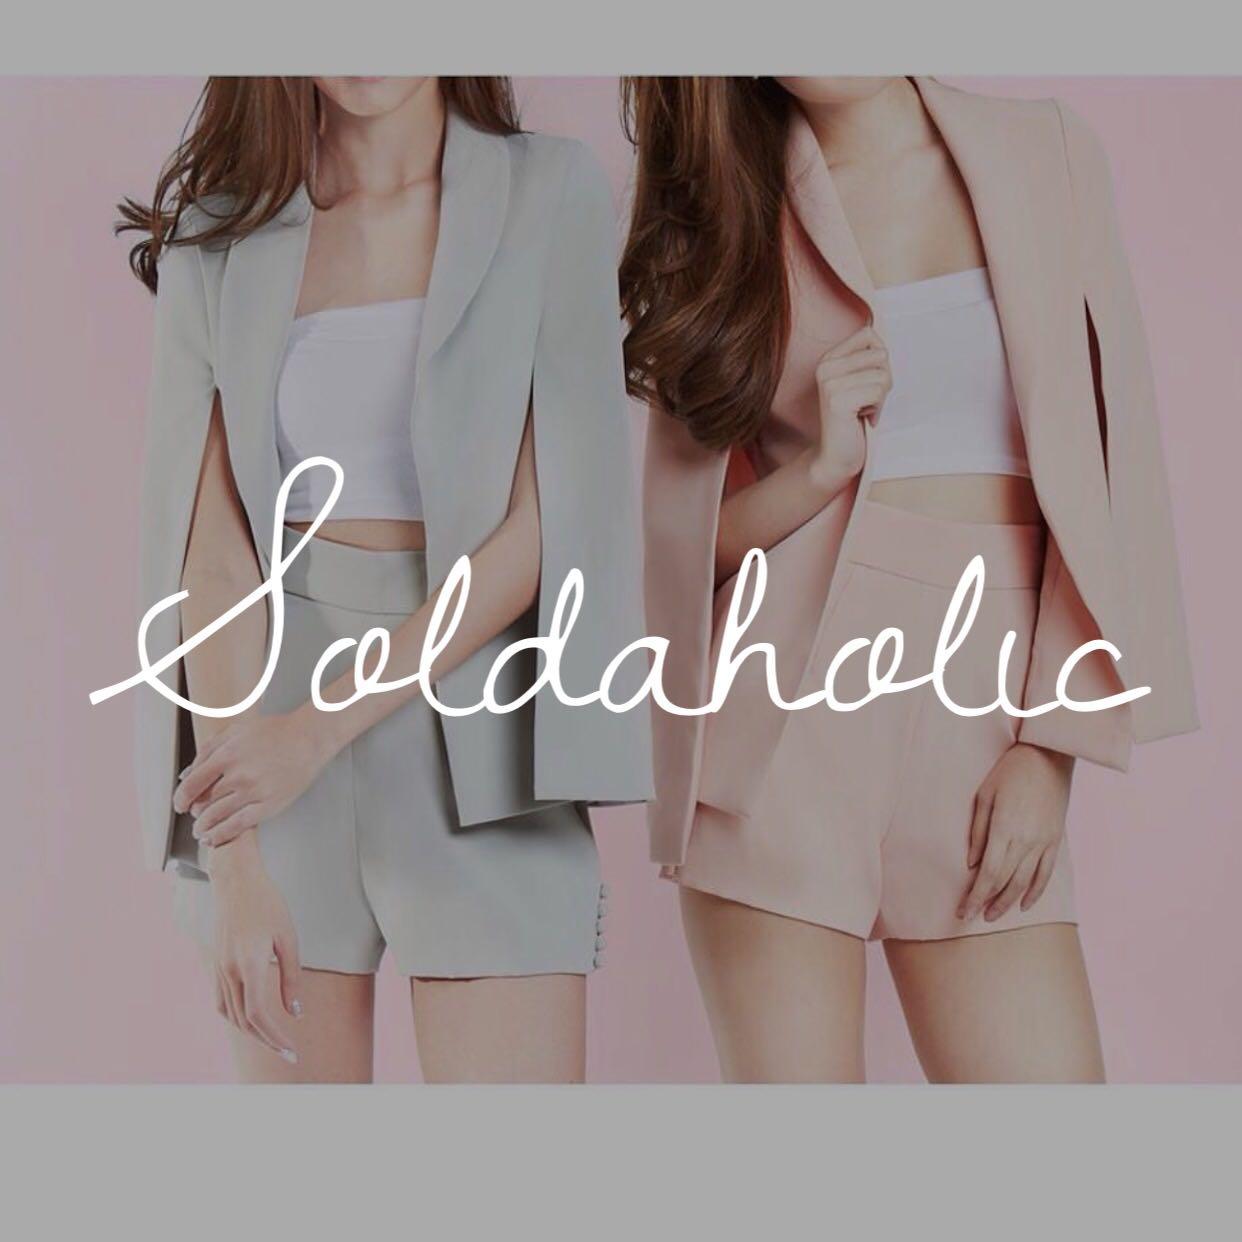 soldaholic